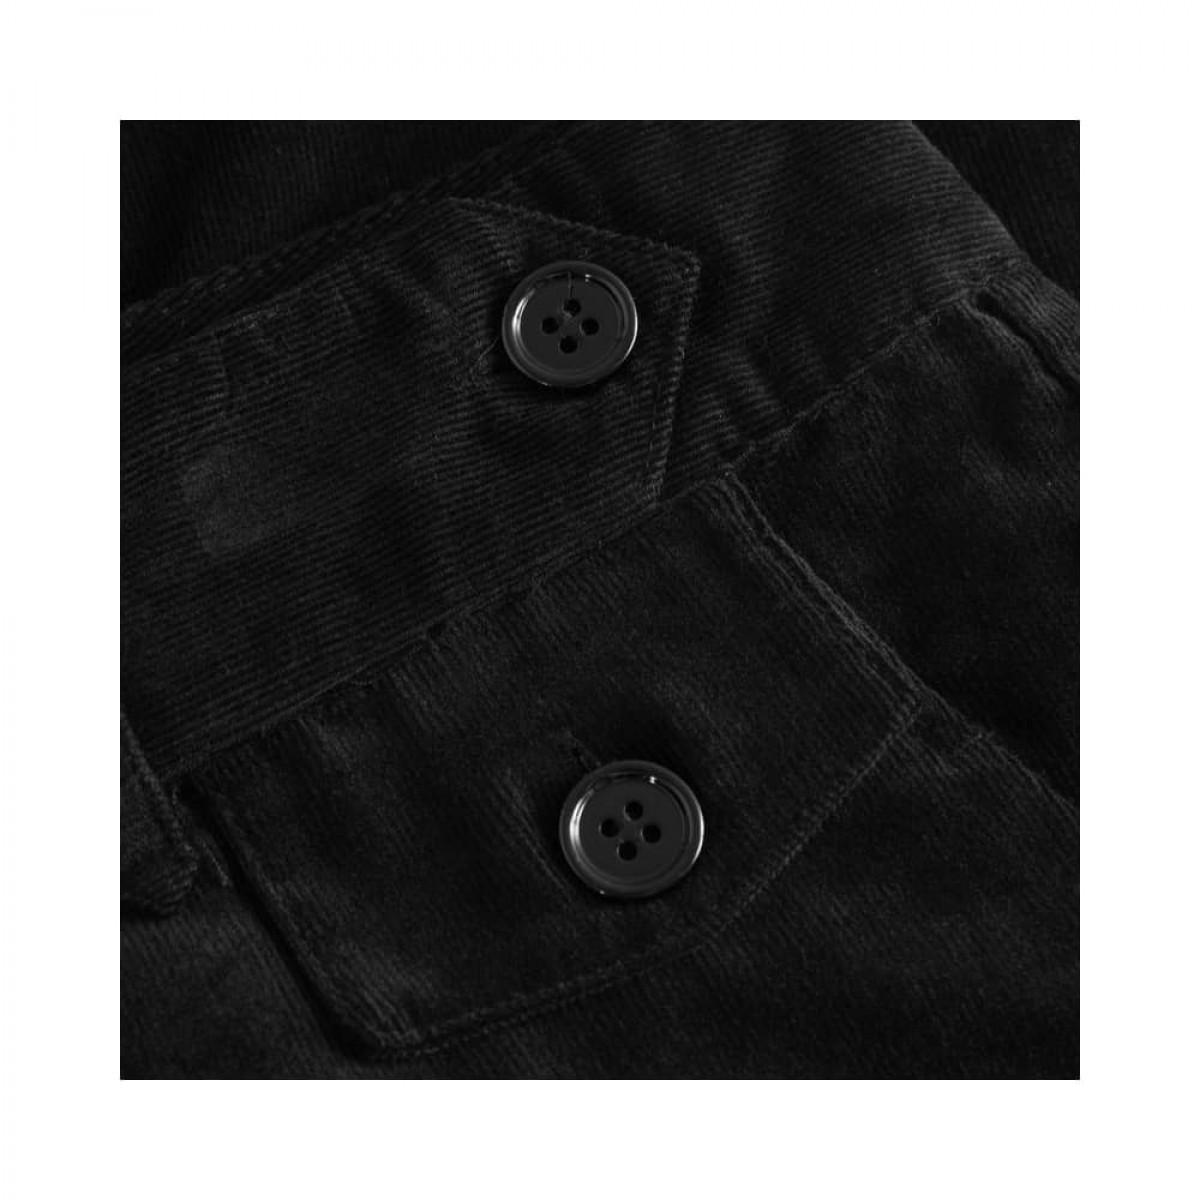 coppola pants - black fløjl - lille lomme detalje